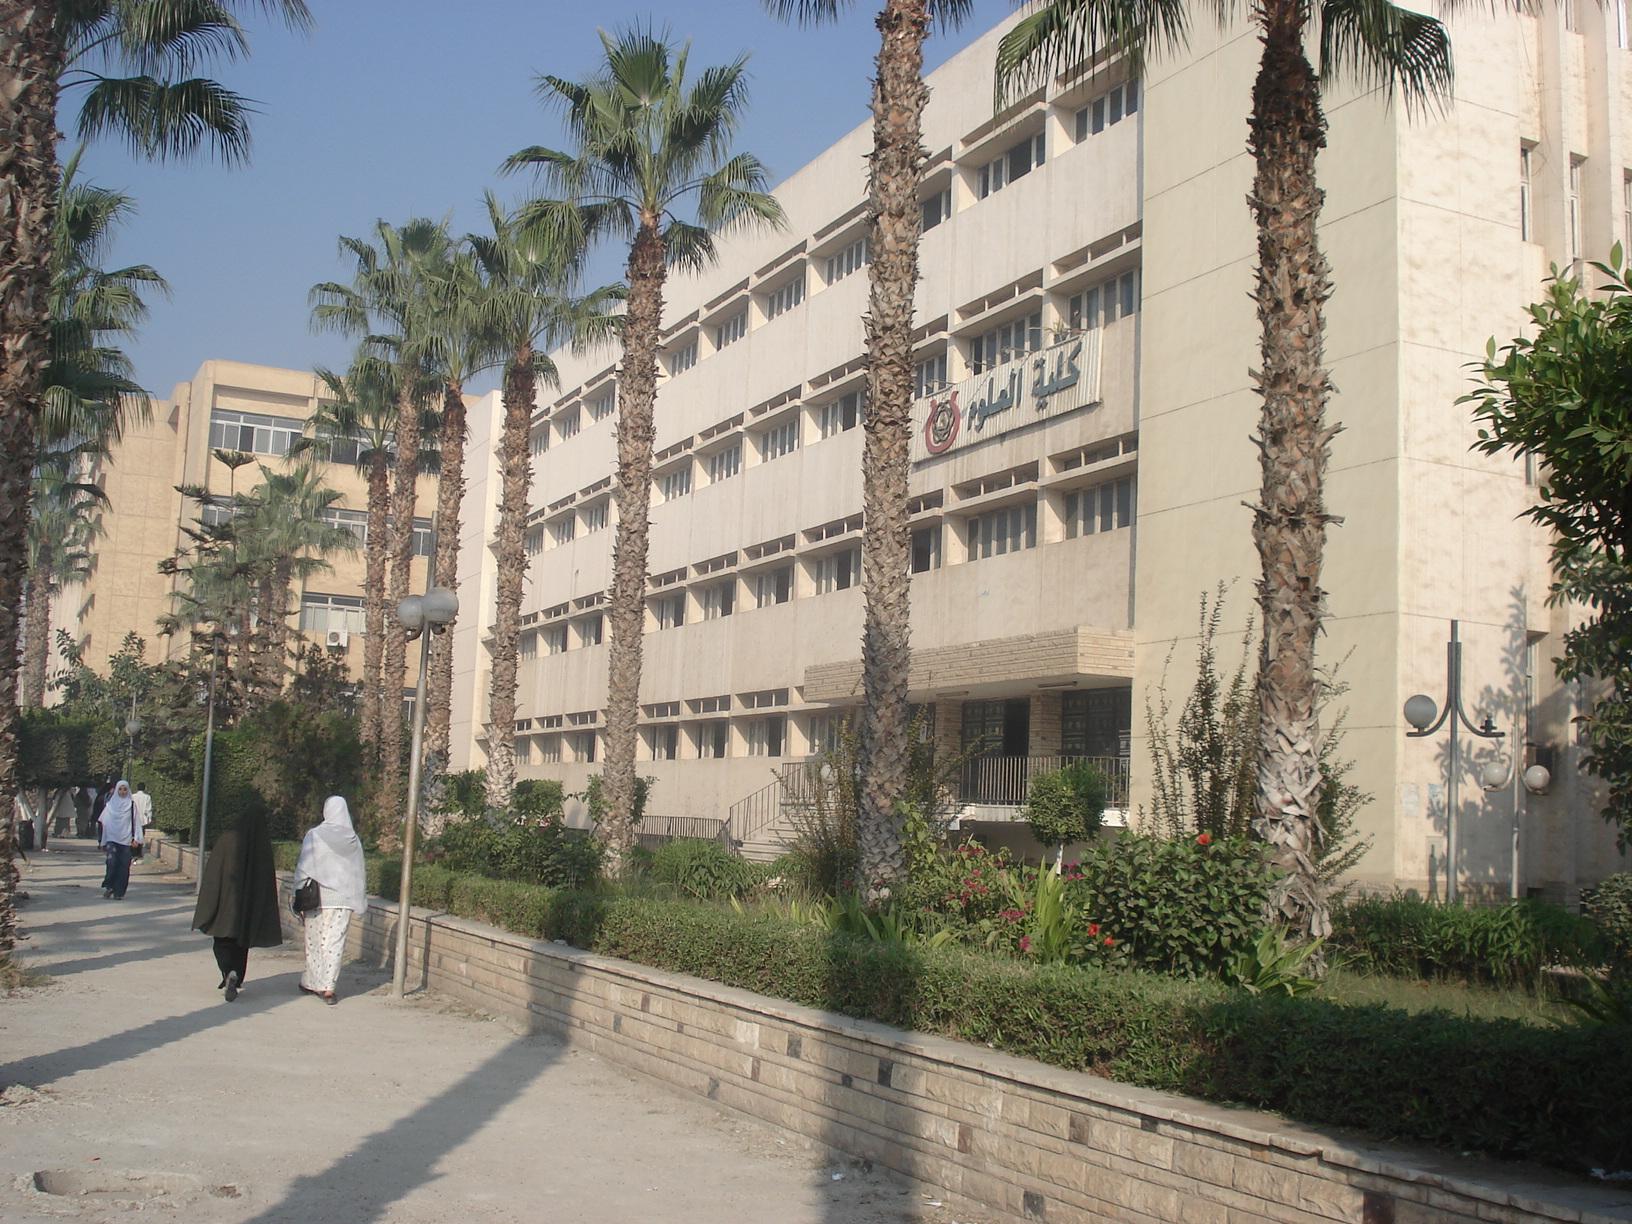 كلية العلوم جامعة الزقازيق تحتفل باعتماد الجودة اليوم